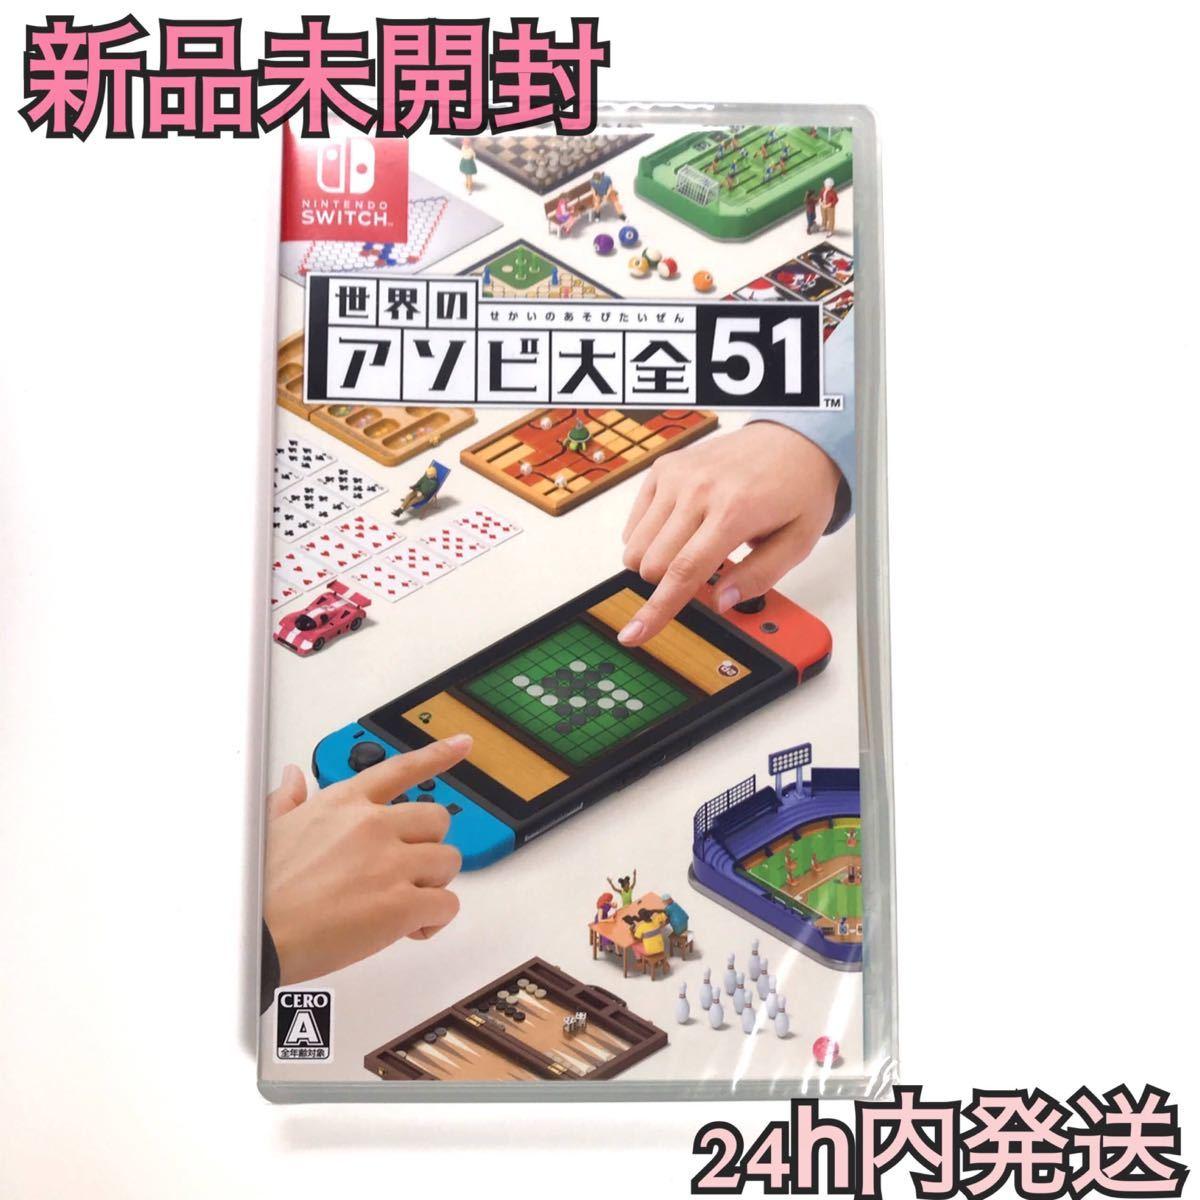 【新品未開封】世界の遊び大全 パッケージ版 ソフト スイッチ Switch